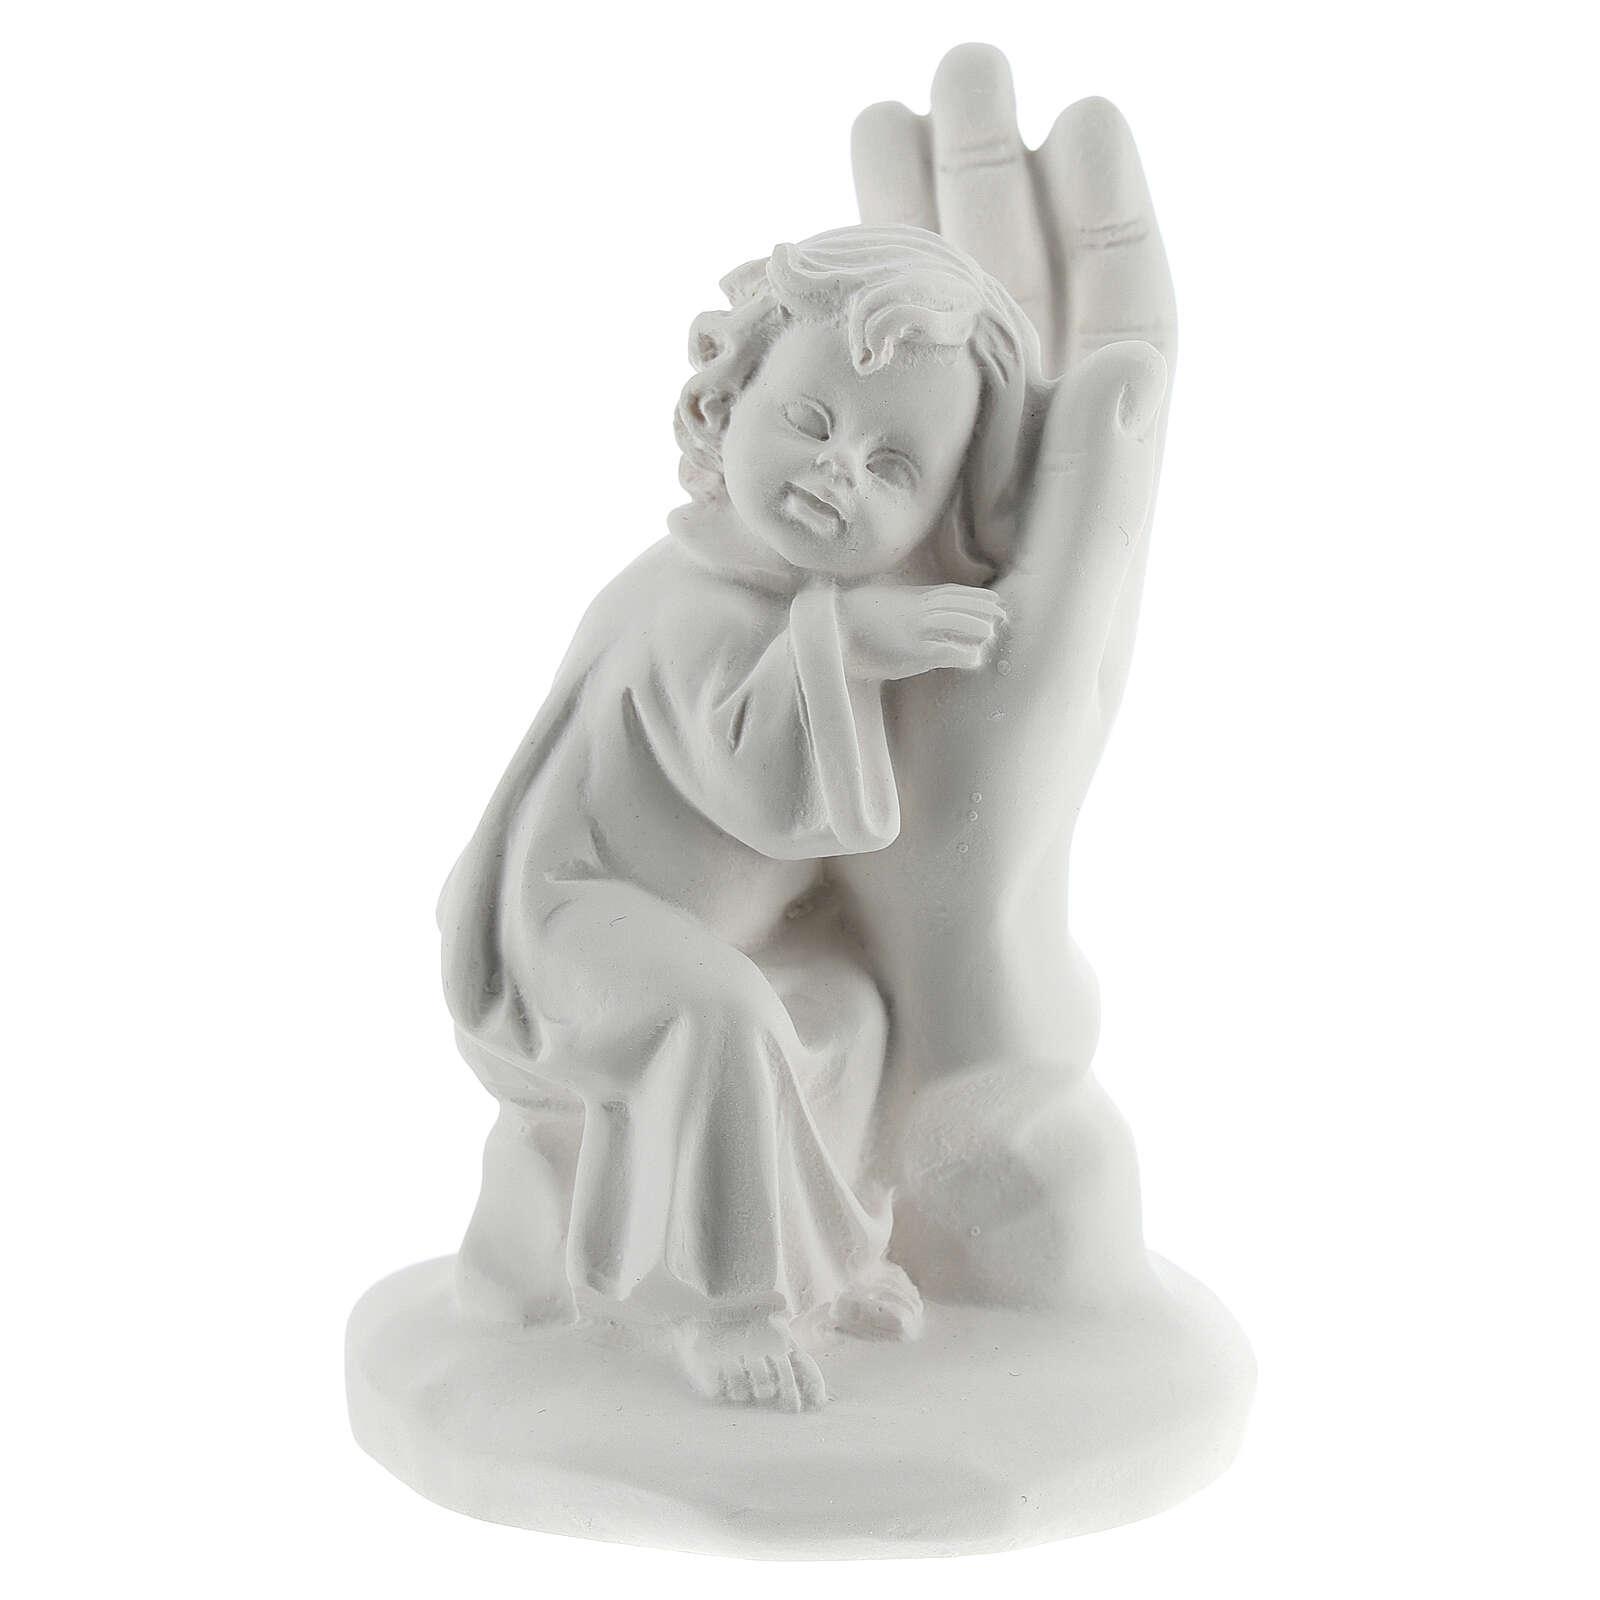 Bambino poggiato su mano resina 10 cm 3